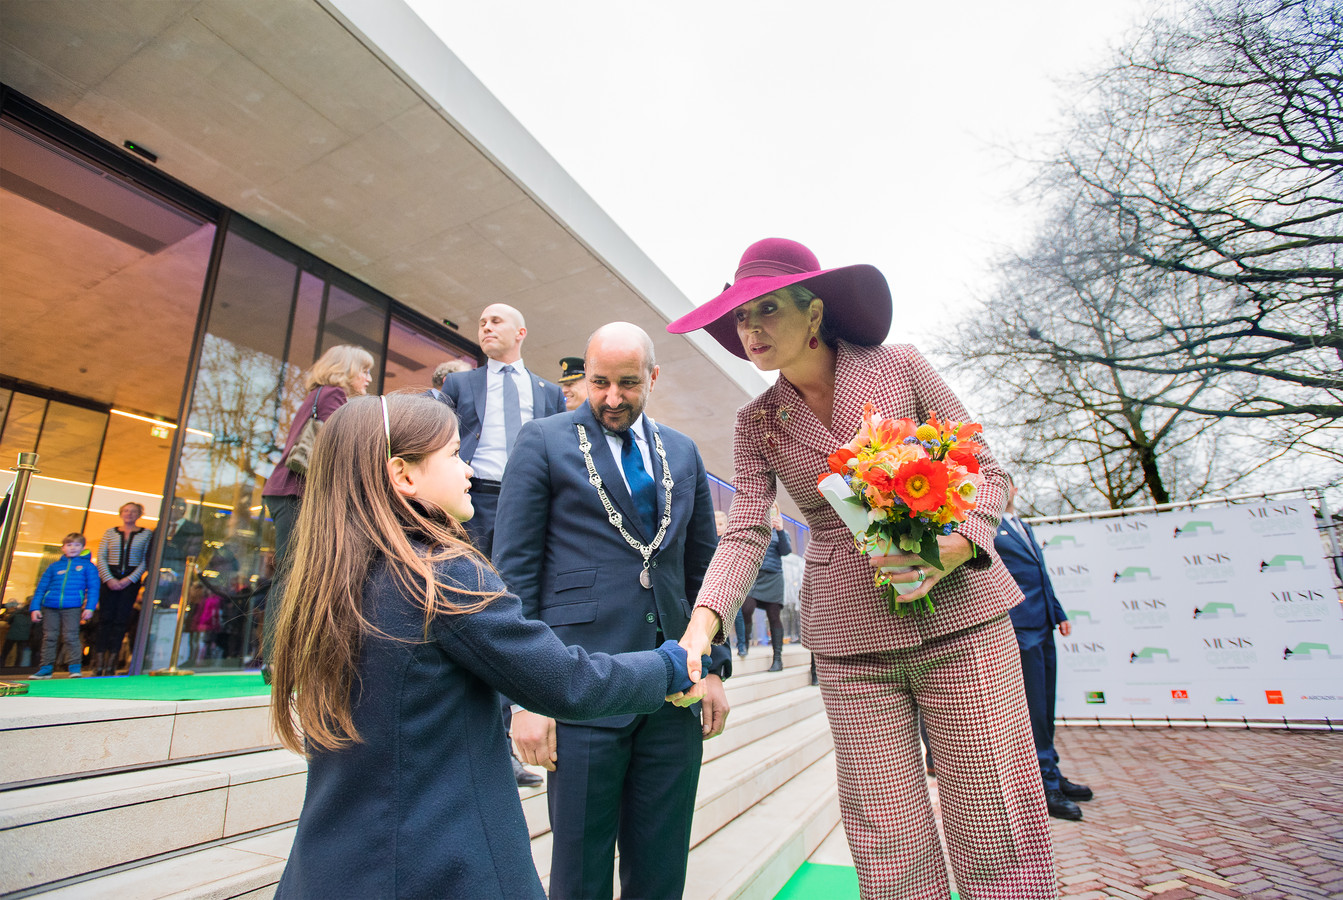 Feline van der Ploeg heeft haar tekening van een viool aan koningin Máxima gegeven en krijgt een hand, onder toeziend oog van burgemeester Marcouch van Arnhem.